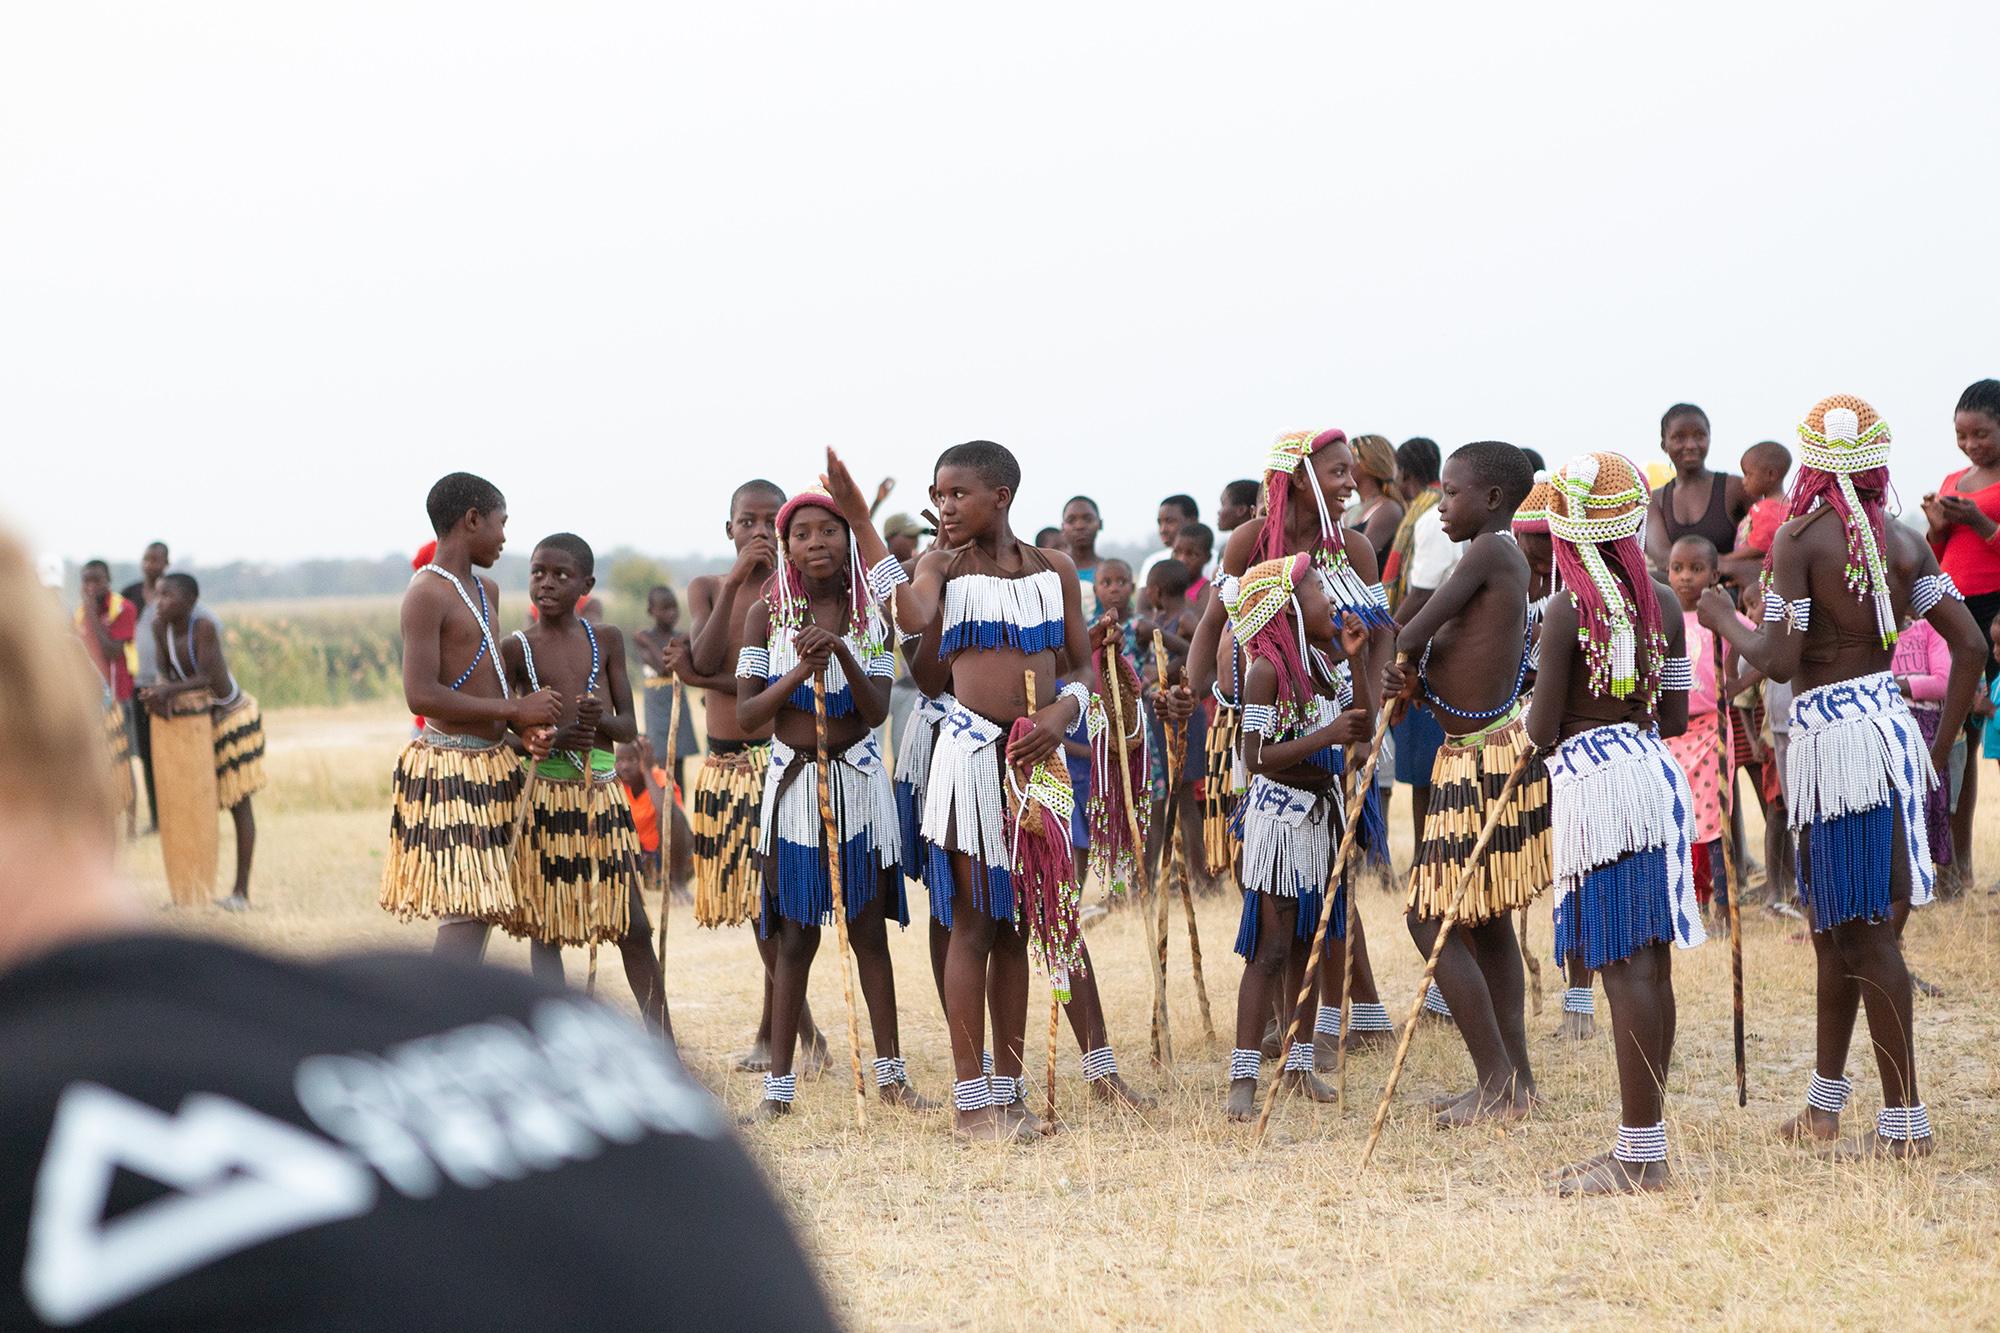 Afrika Overland Travel